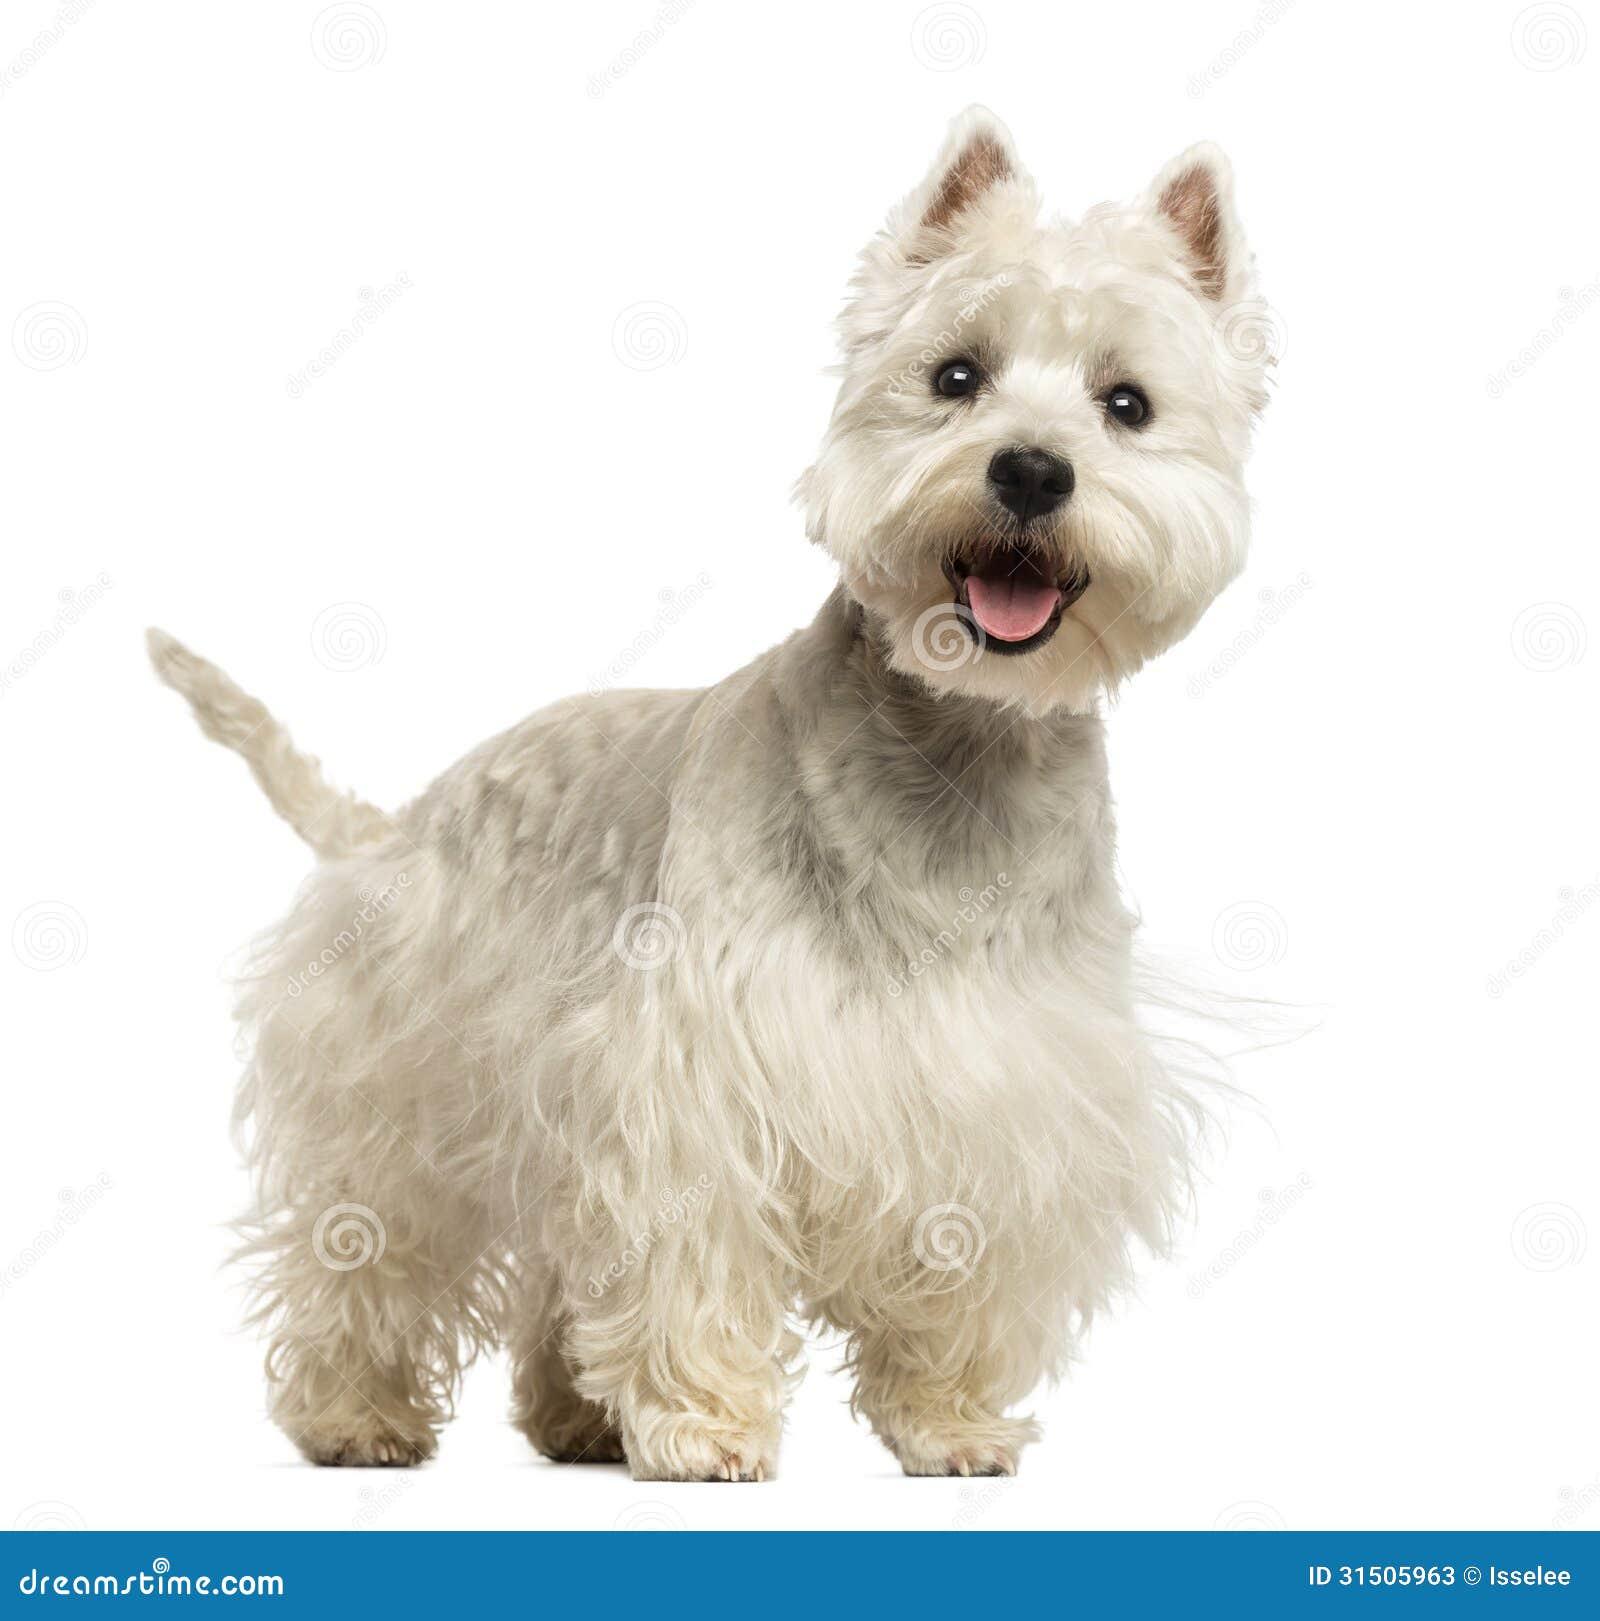 Jadeo de Terrier blanco de montaña del oeste, pareciendo feliz, 18 meses